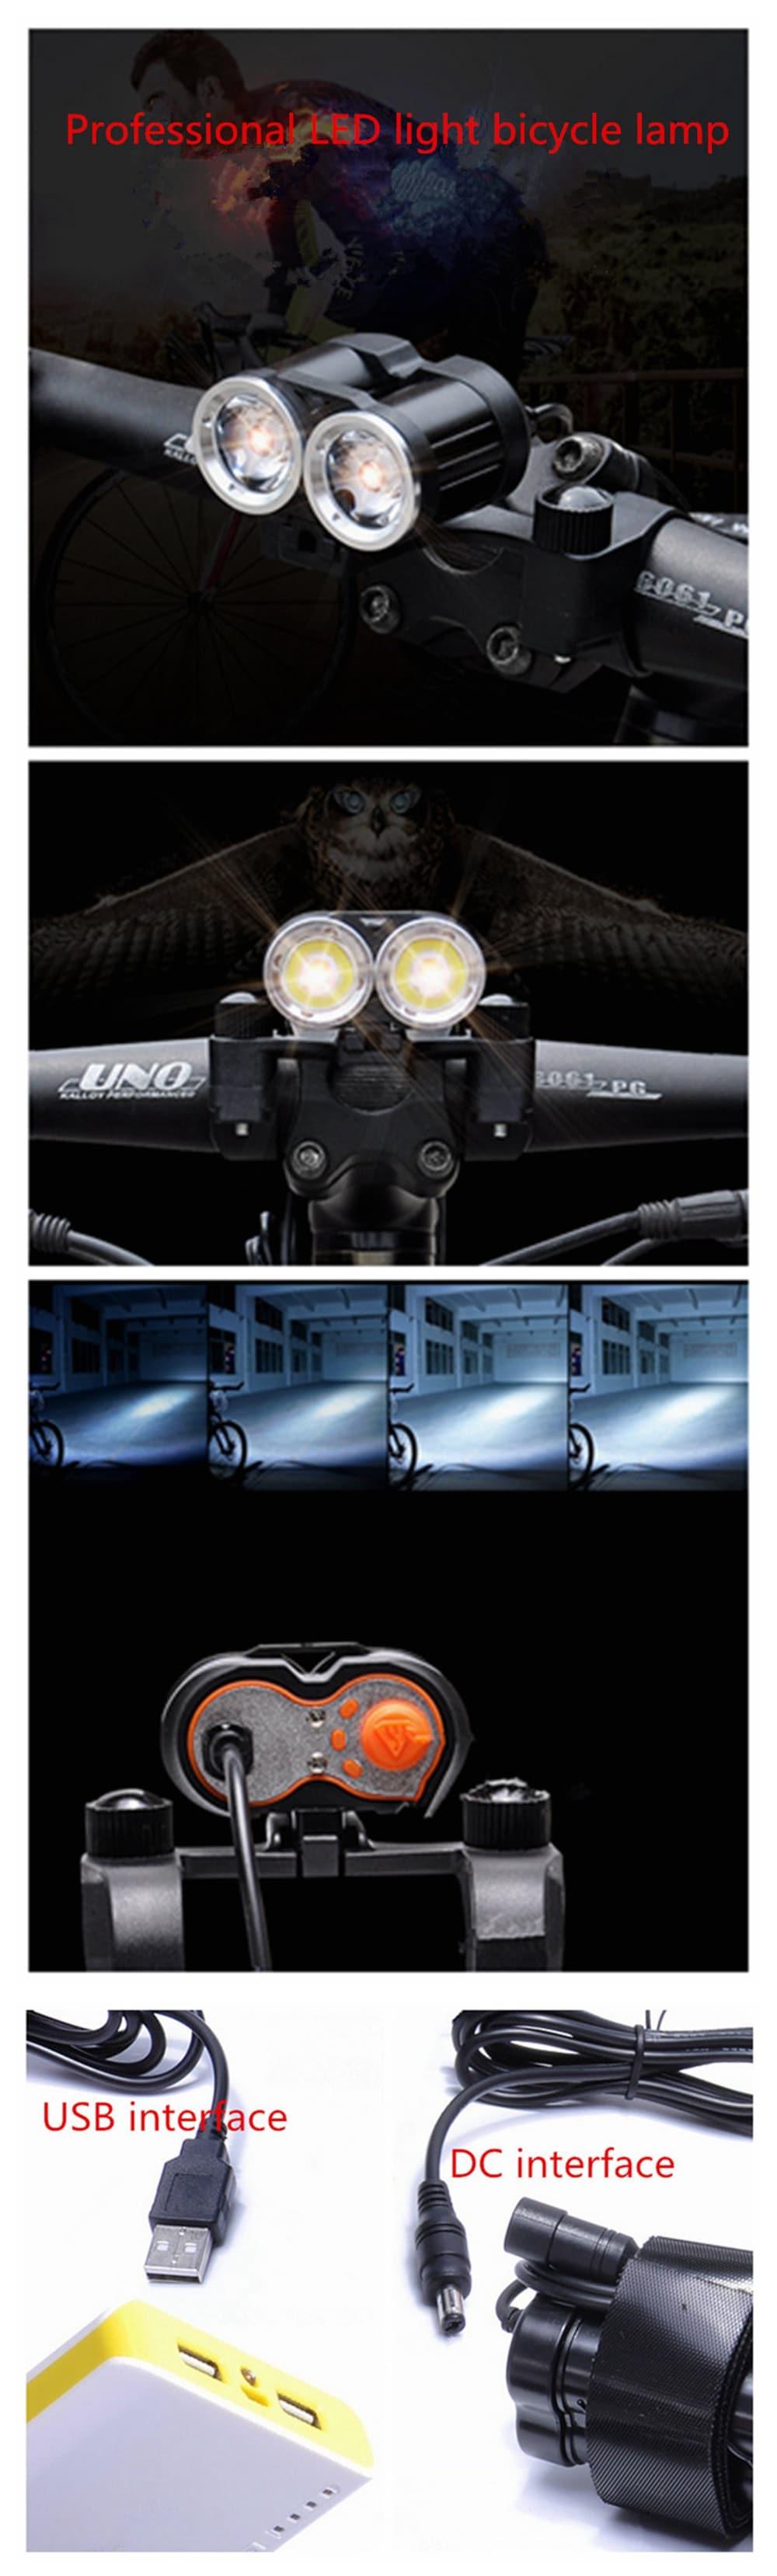 ZHISHUNJIA USB 5V CREE XML T6 2 LED 1400lm 4-Mode  Bike Light Headlamp- Black